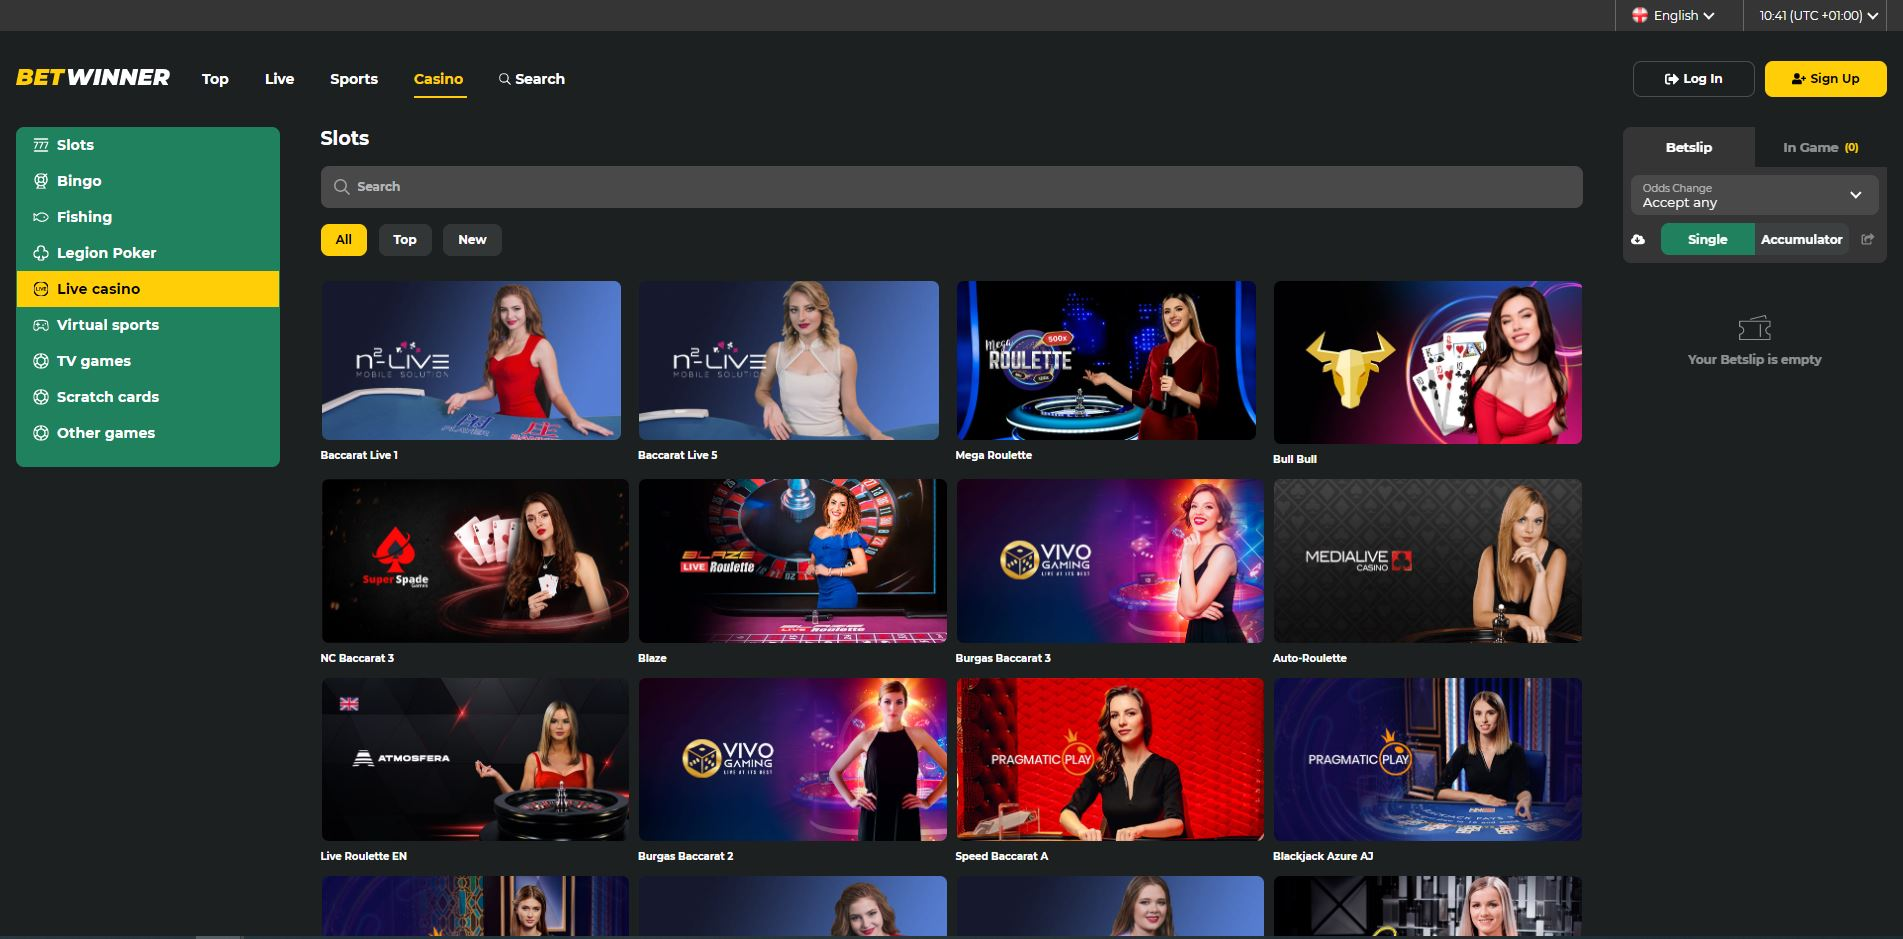 BetWinner Live Casino Screenshot